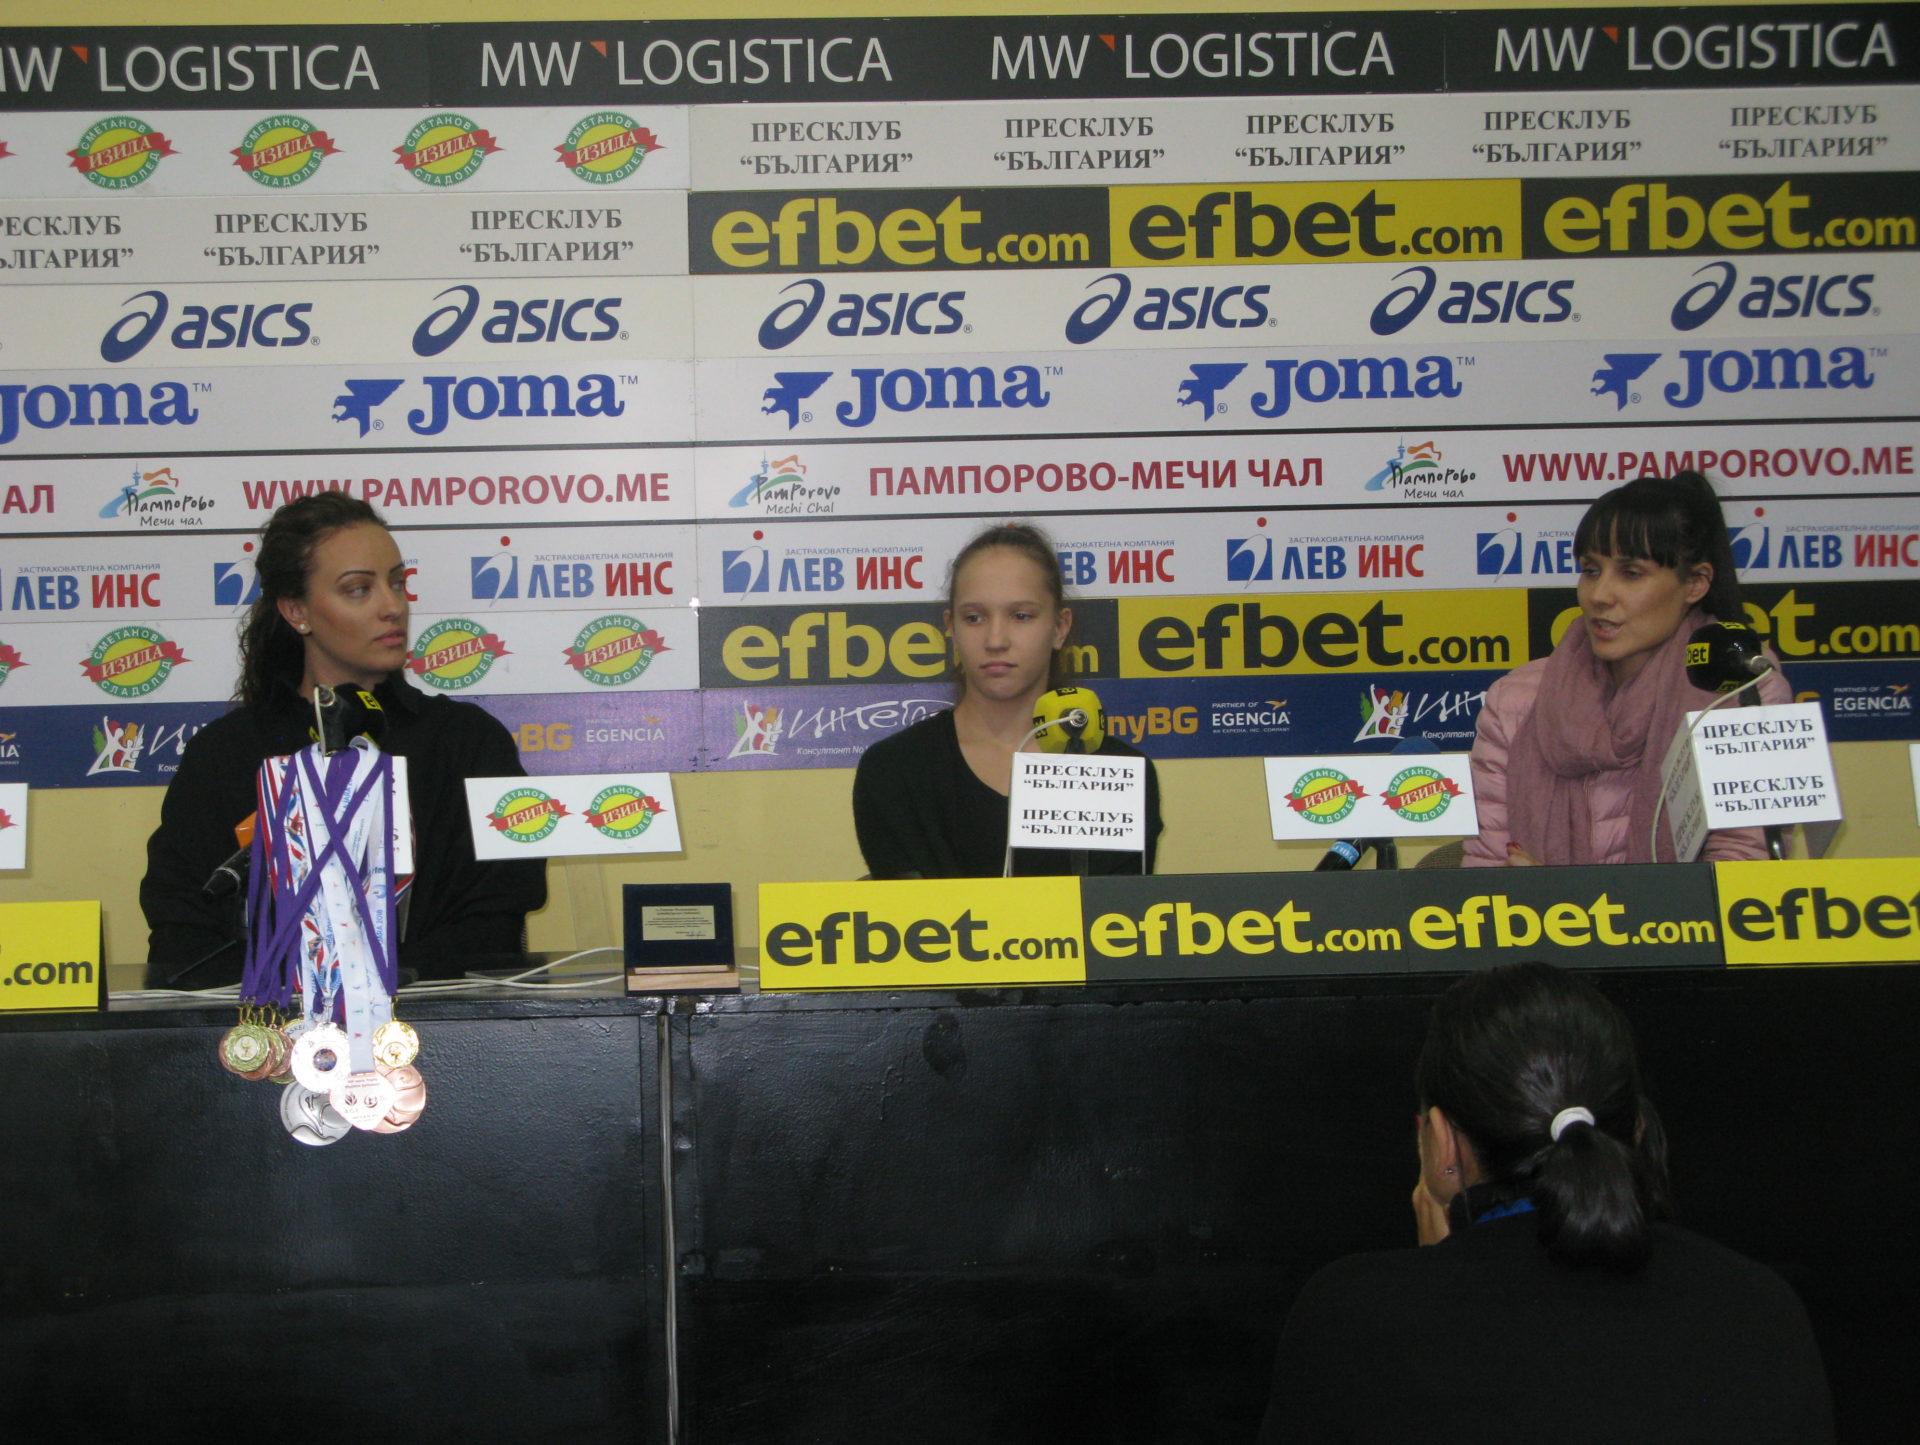 Еврошампионката на обръч за девойки Татяна Воложанина с усложнено съчетание на Олимпийските игри в Буенос Айрес